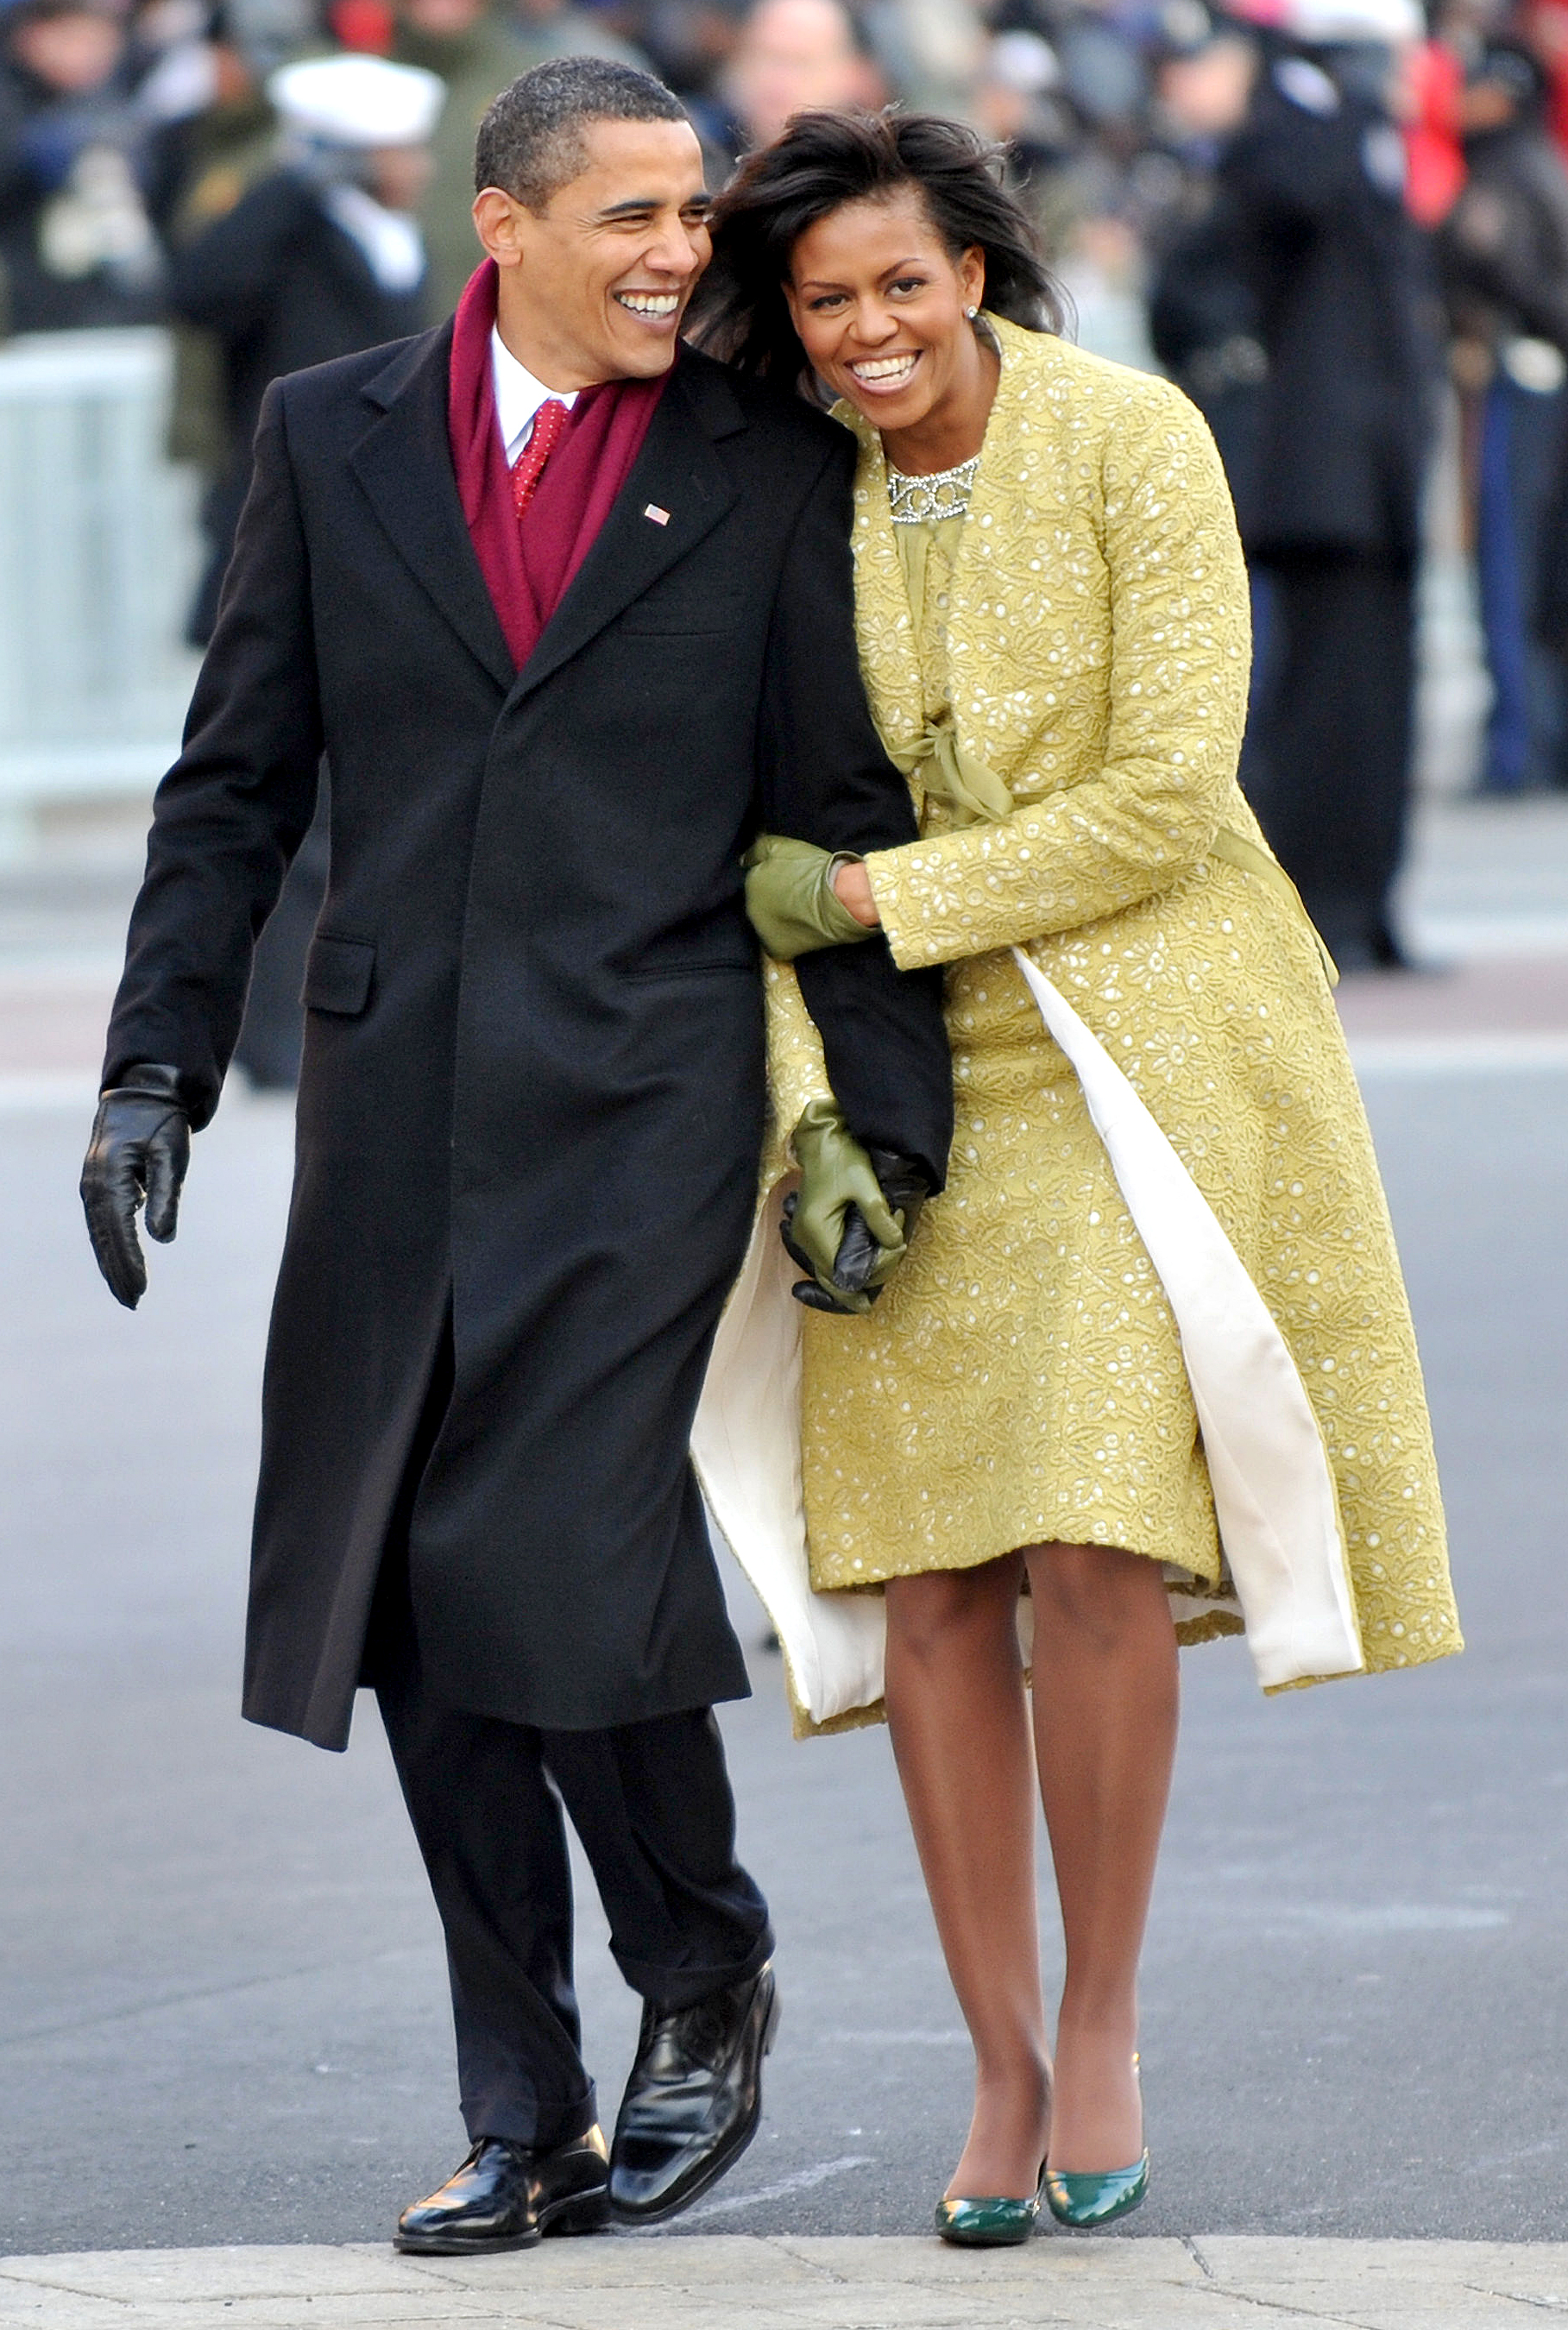 Michelle Obama Penis : michelle, obama, penis, Barack, Obama, Michelle, Obama's, Relationship, Timeline